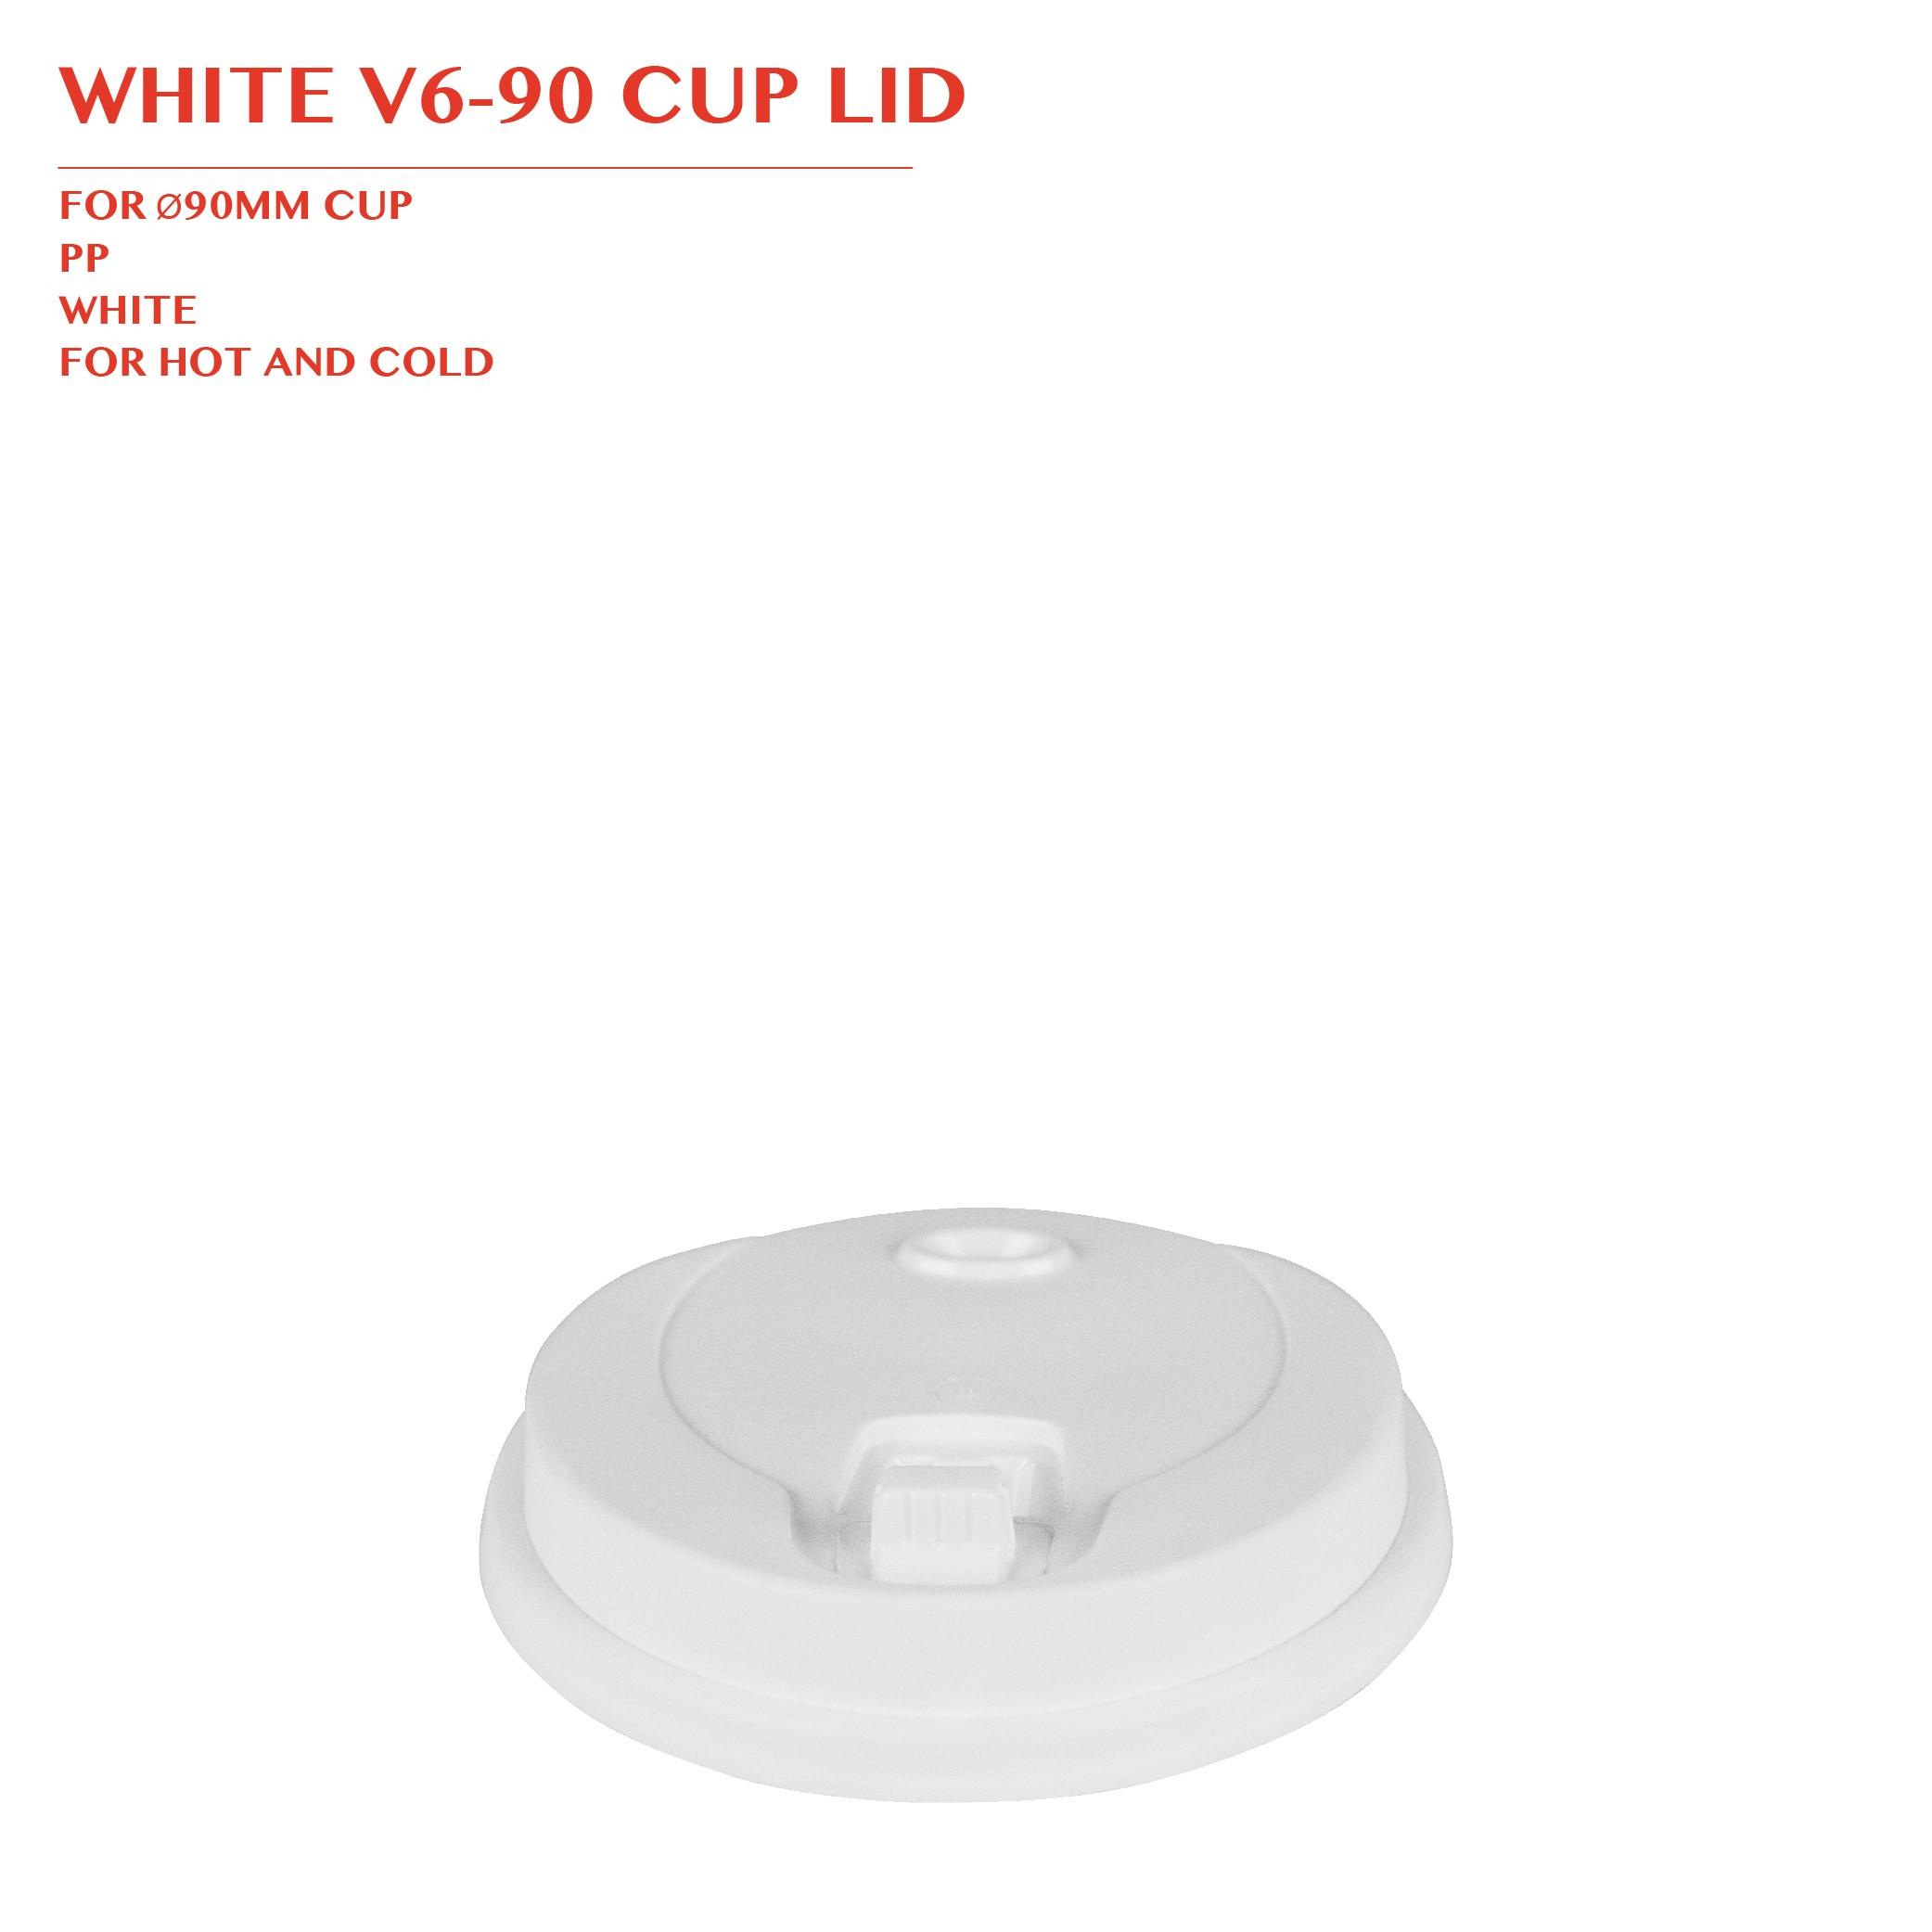 WHITE V6-90 CUP LID Ø90MM 1000PCS/CTN